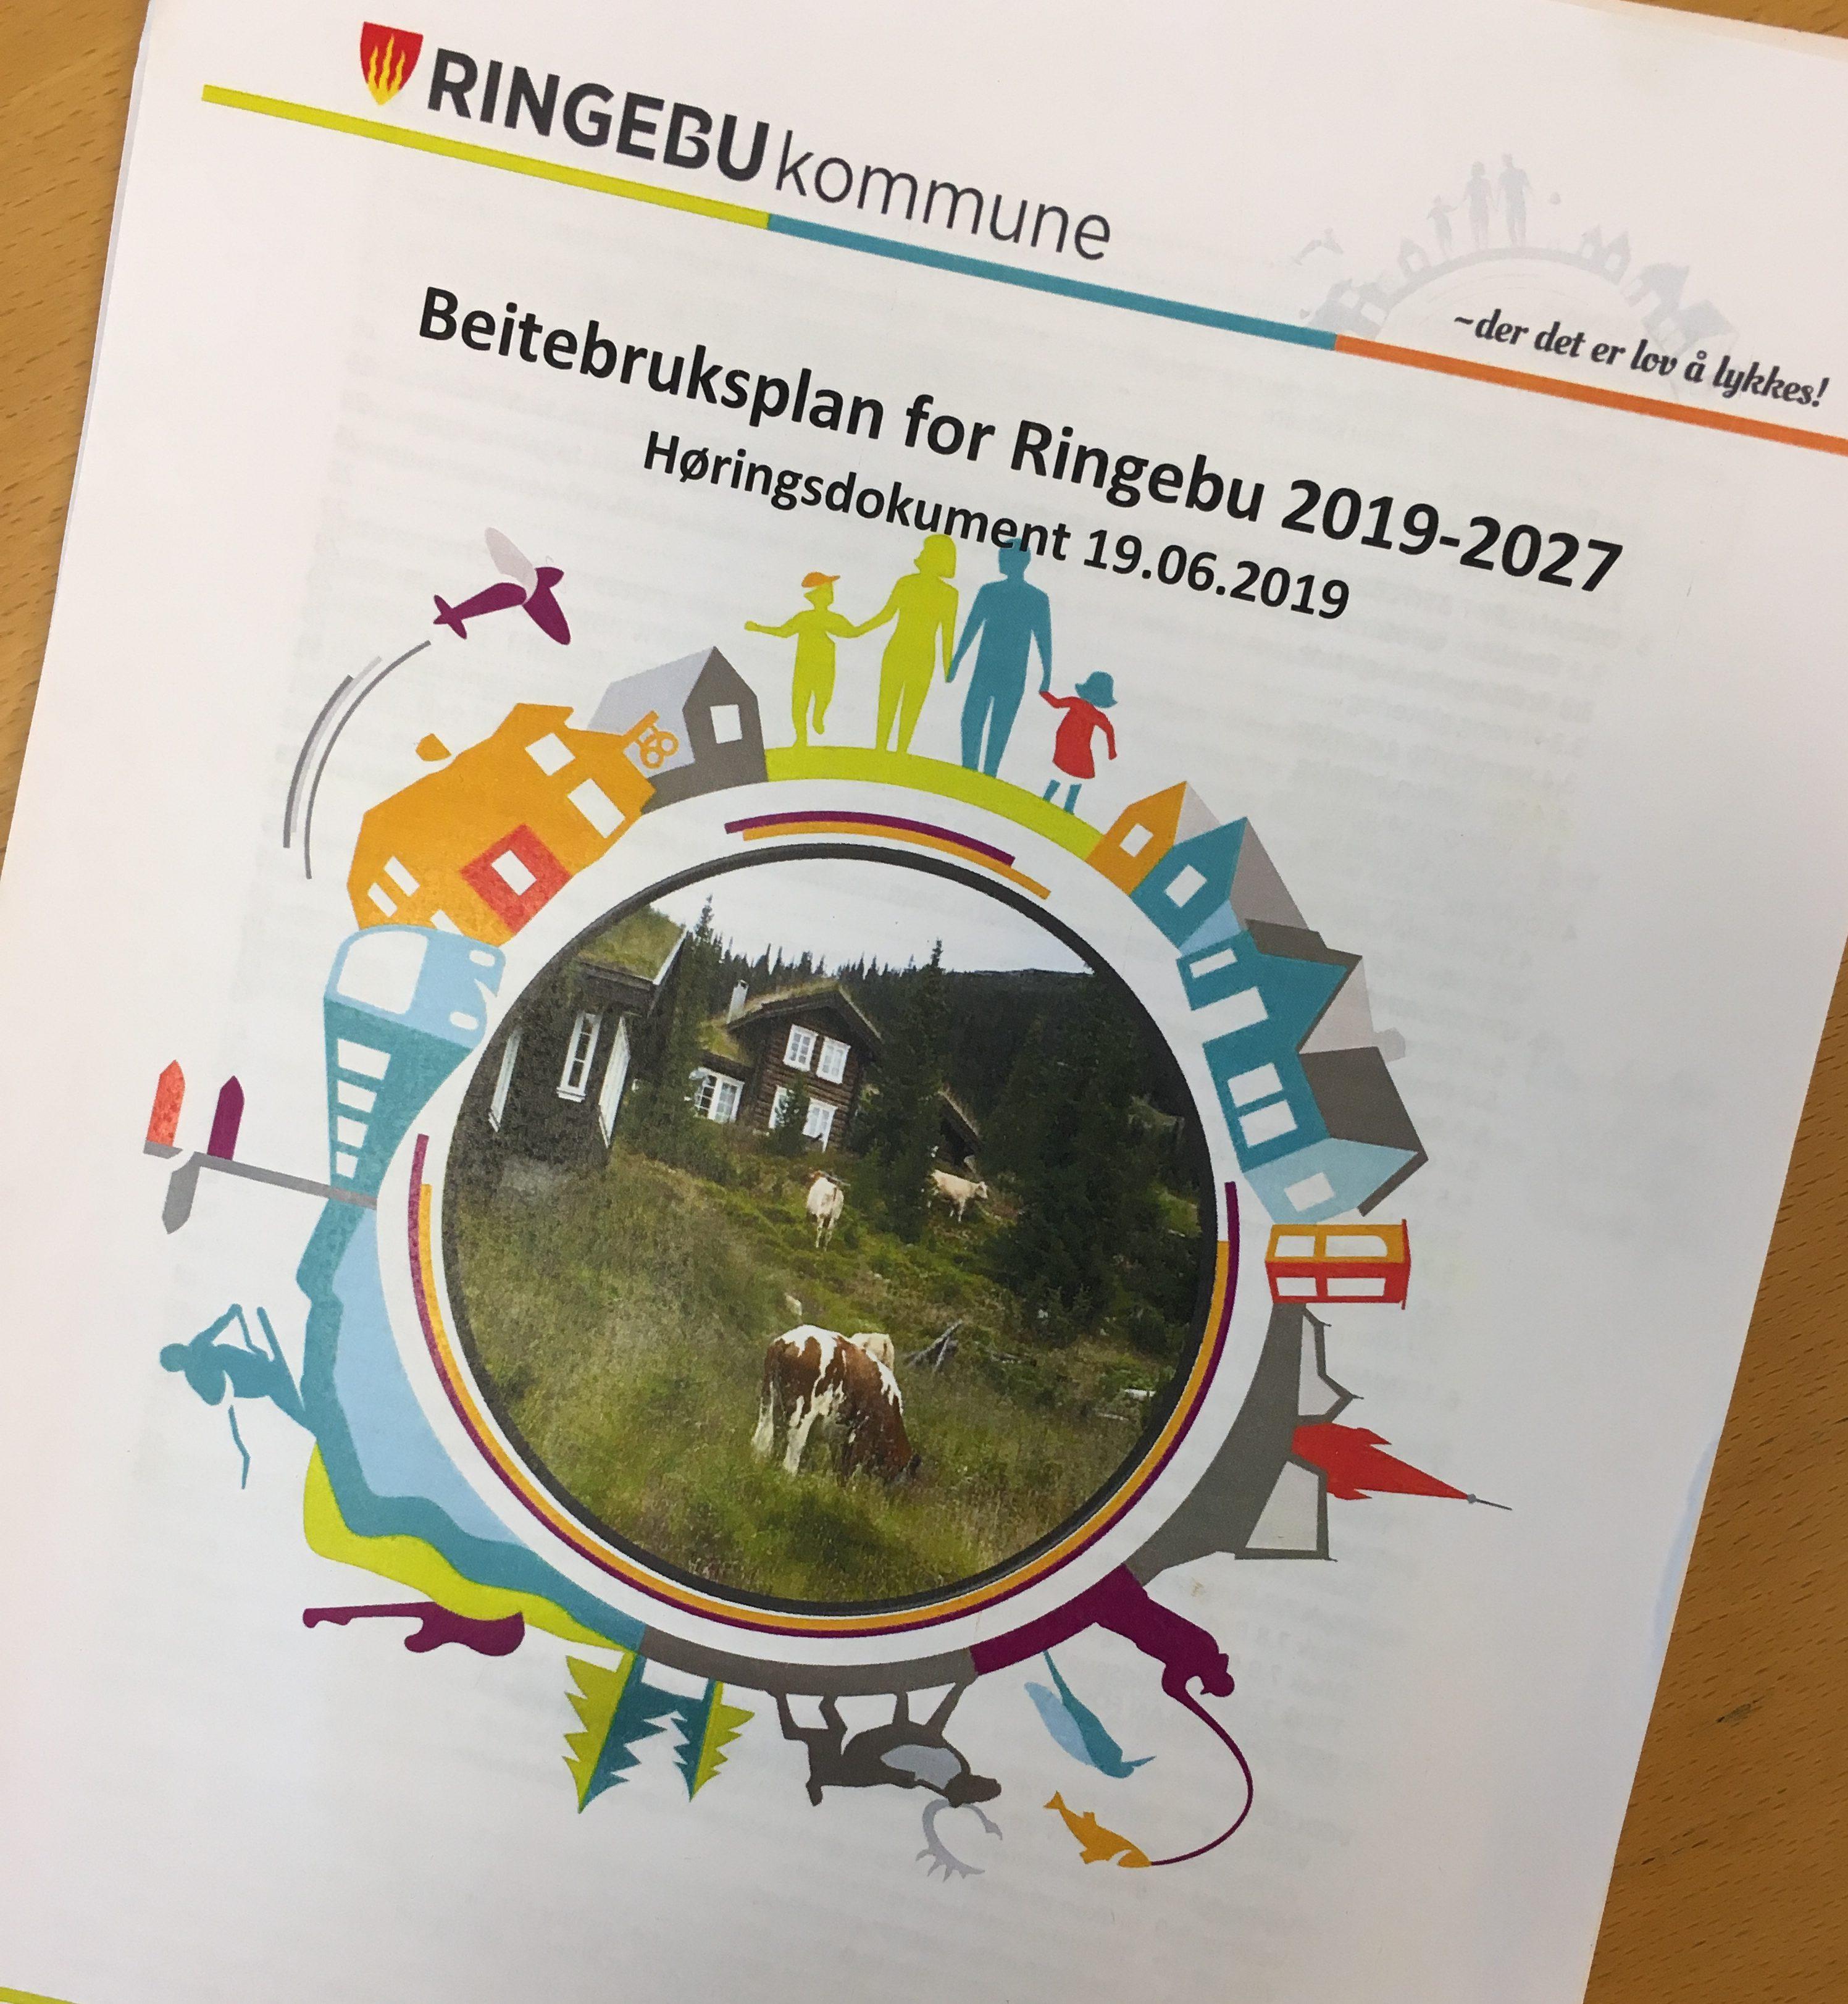 Revidert beitebruksplan for Ringebu 2019-2027 er lagt ut til høring og offentlig ettersyn